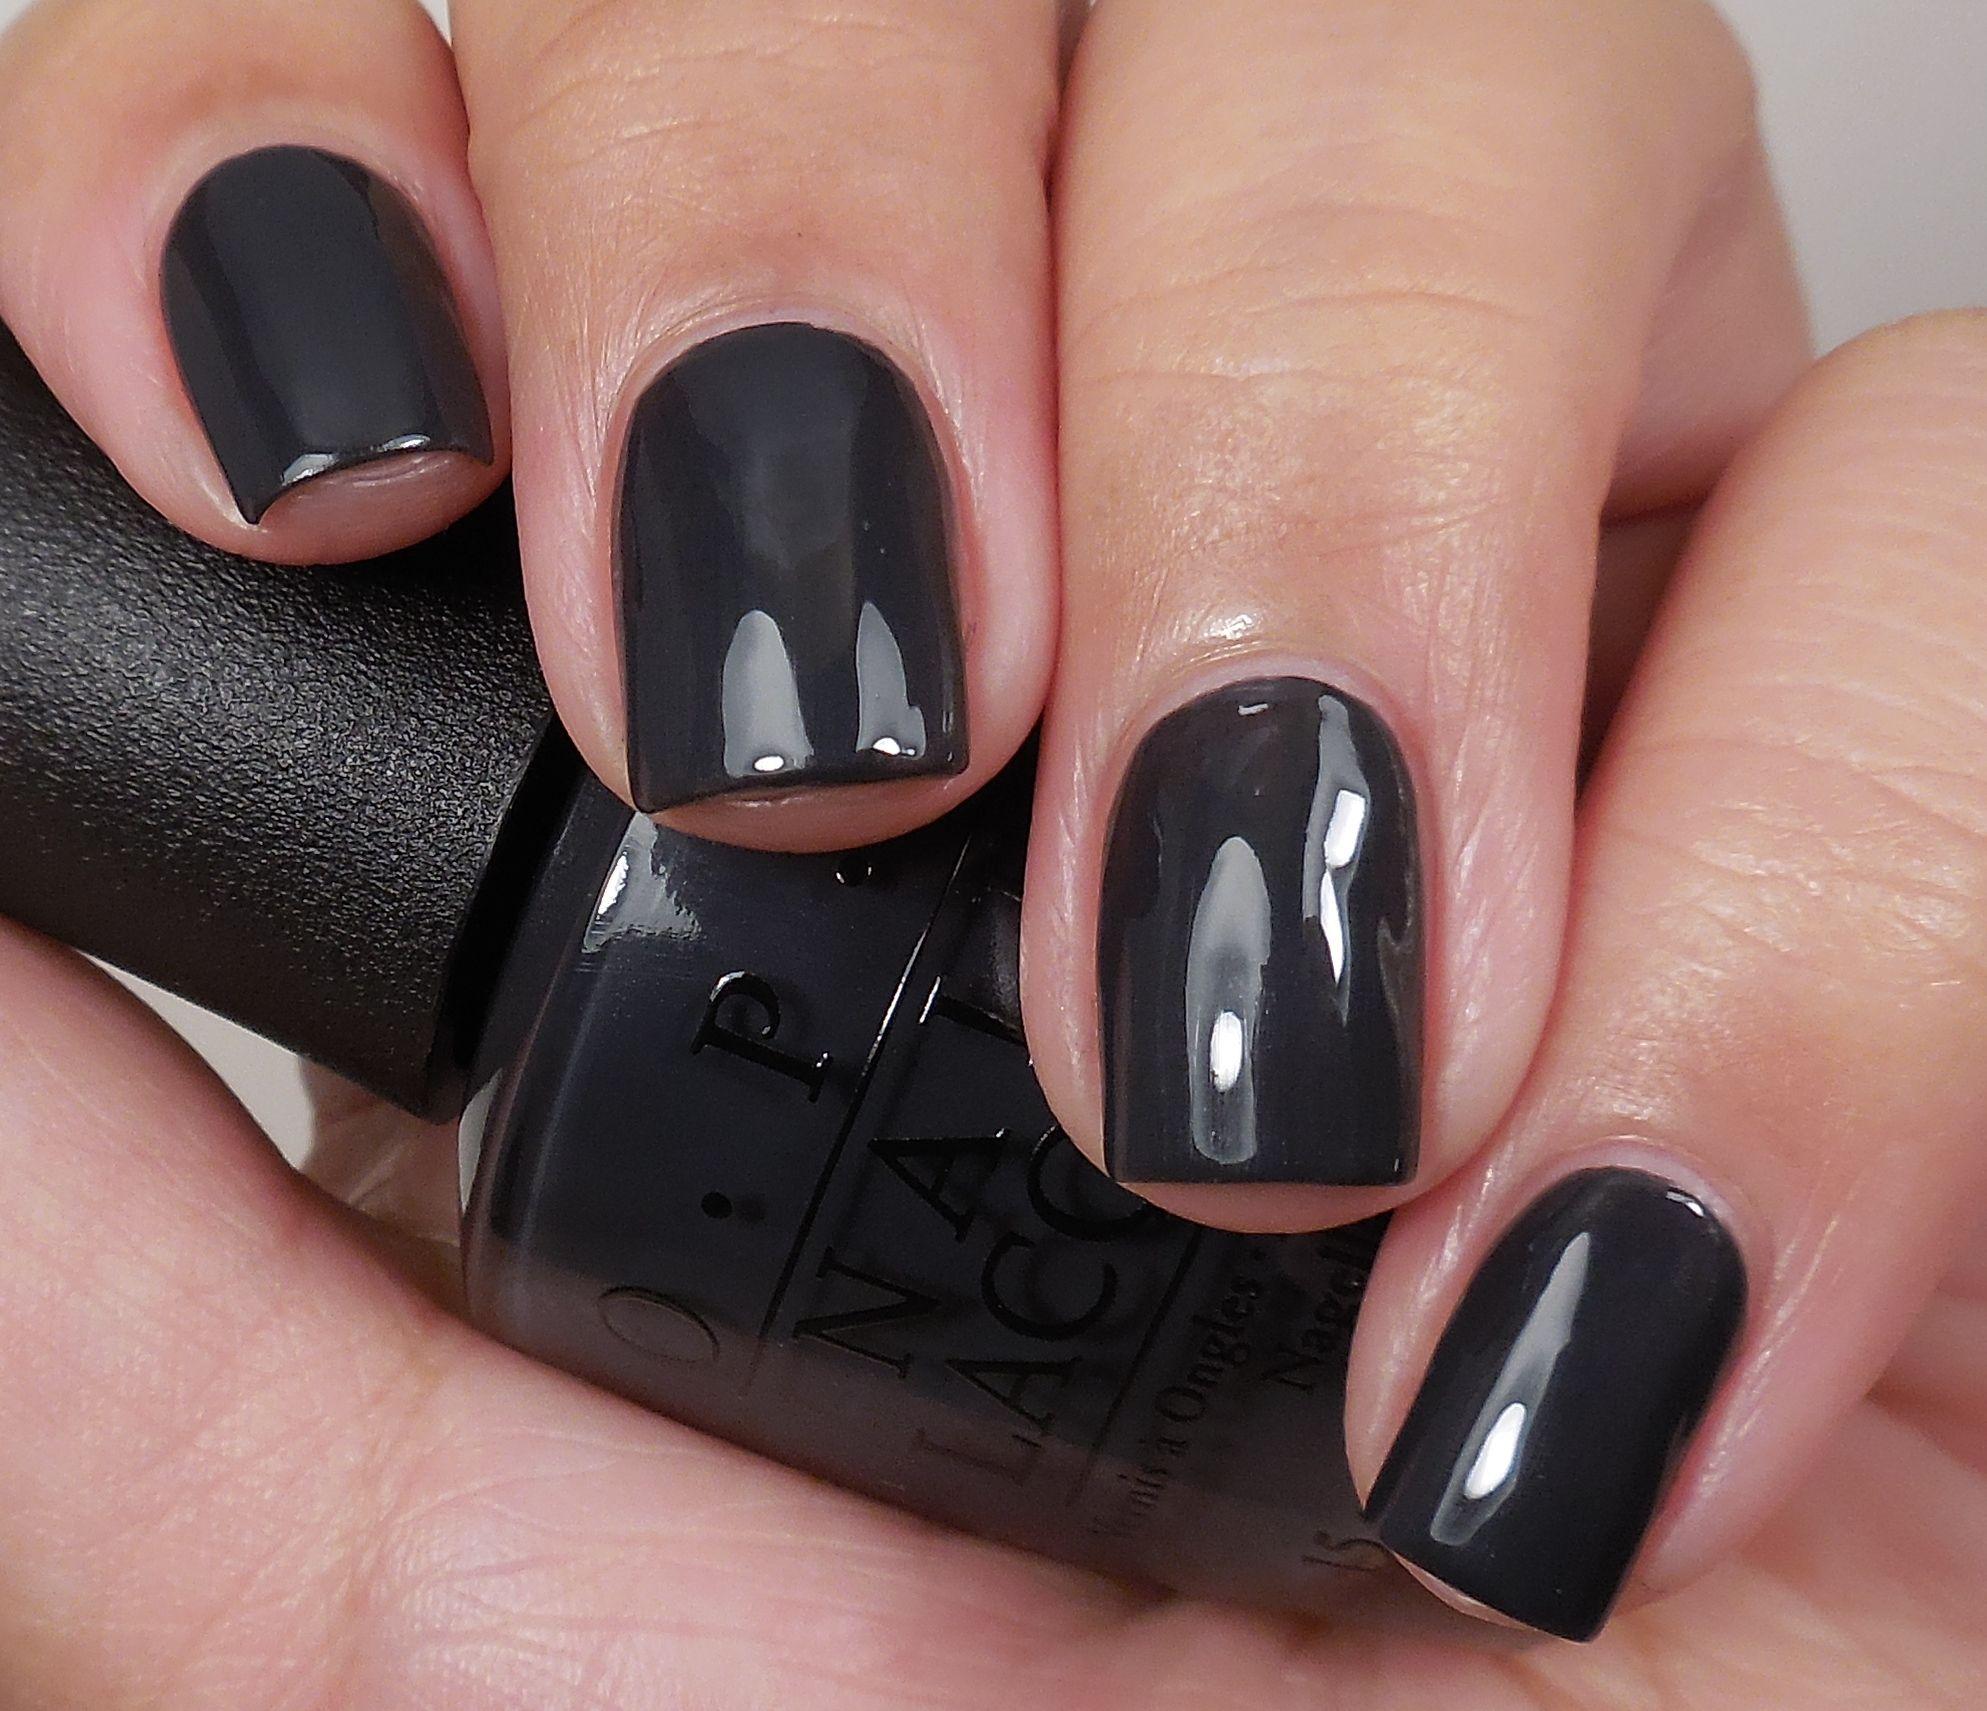 Opi 50 shades of grey collection glamour nails opi nail